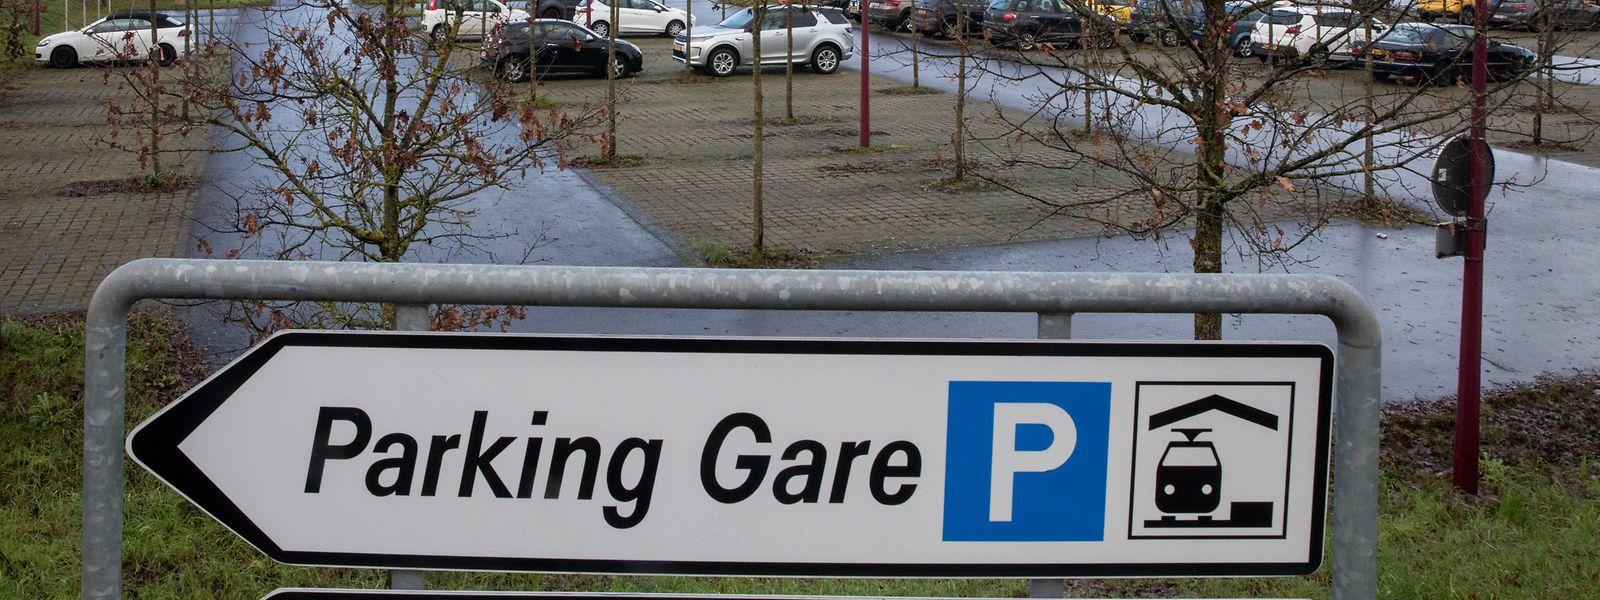 Auch wenn der Parkplatz dieser Tage nicht gefüllt ist, trügt der Schein. Vor der Corona-Krise musste man früh an sein, um einen freien Platz an der Zughaltestelle bei Niederkerschen zu ergattern.